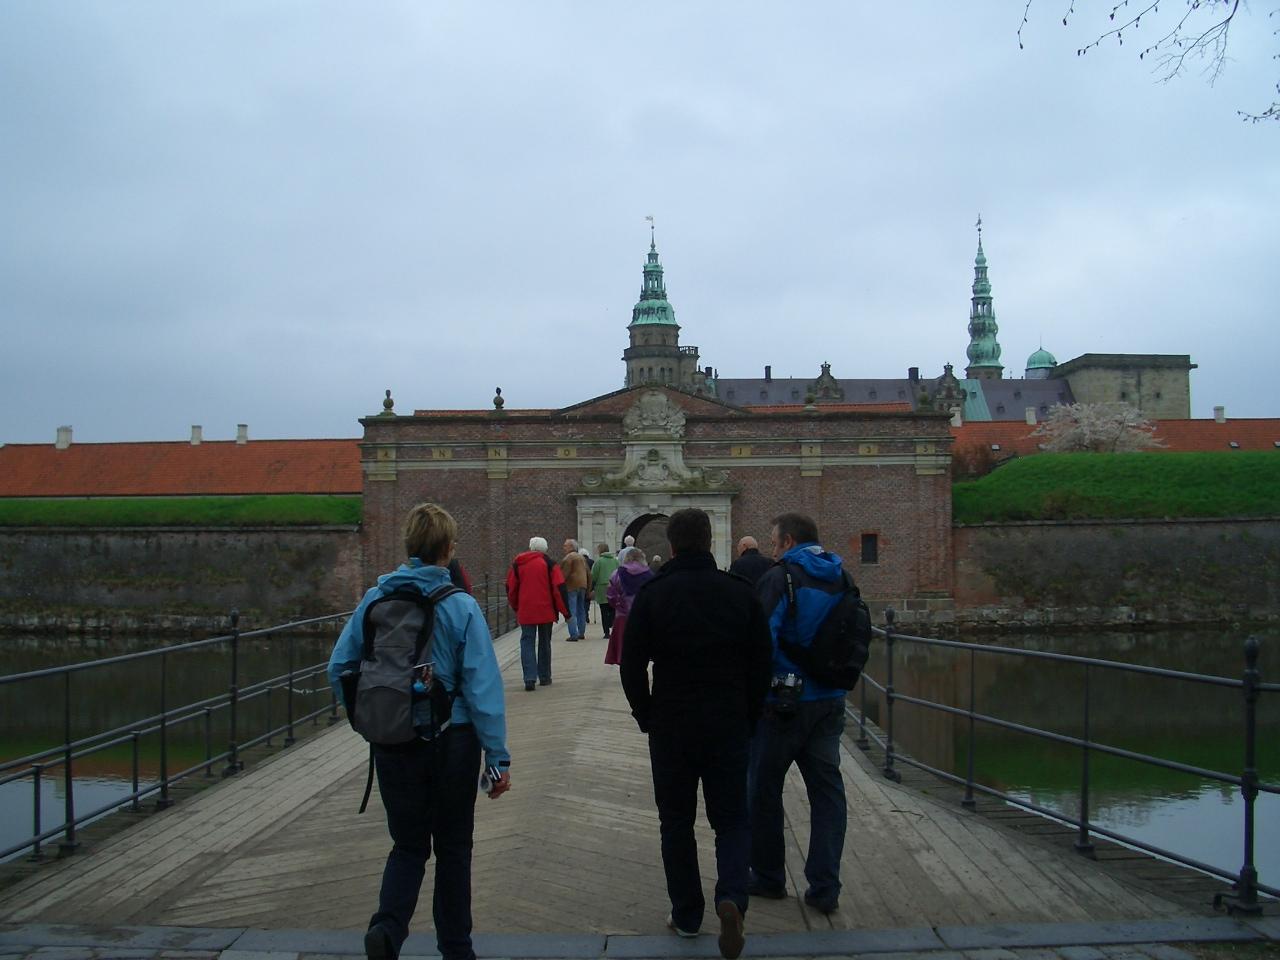 クロンボー城 (Kronborg castle)_a0159707_5472717.jpg